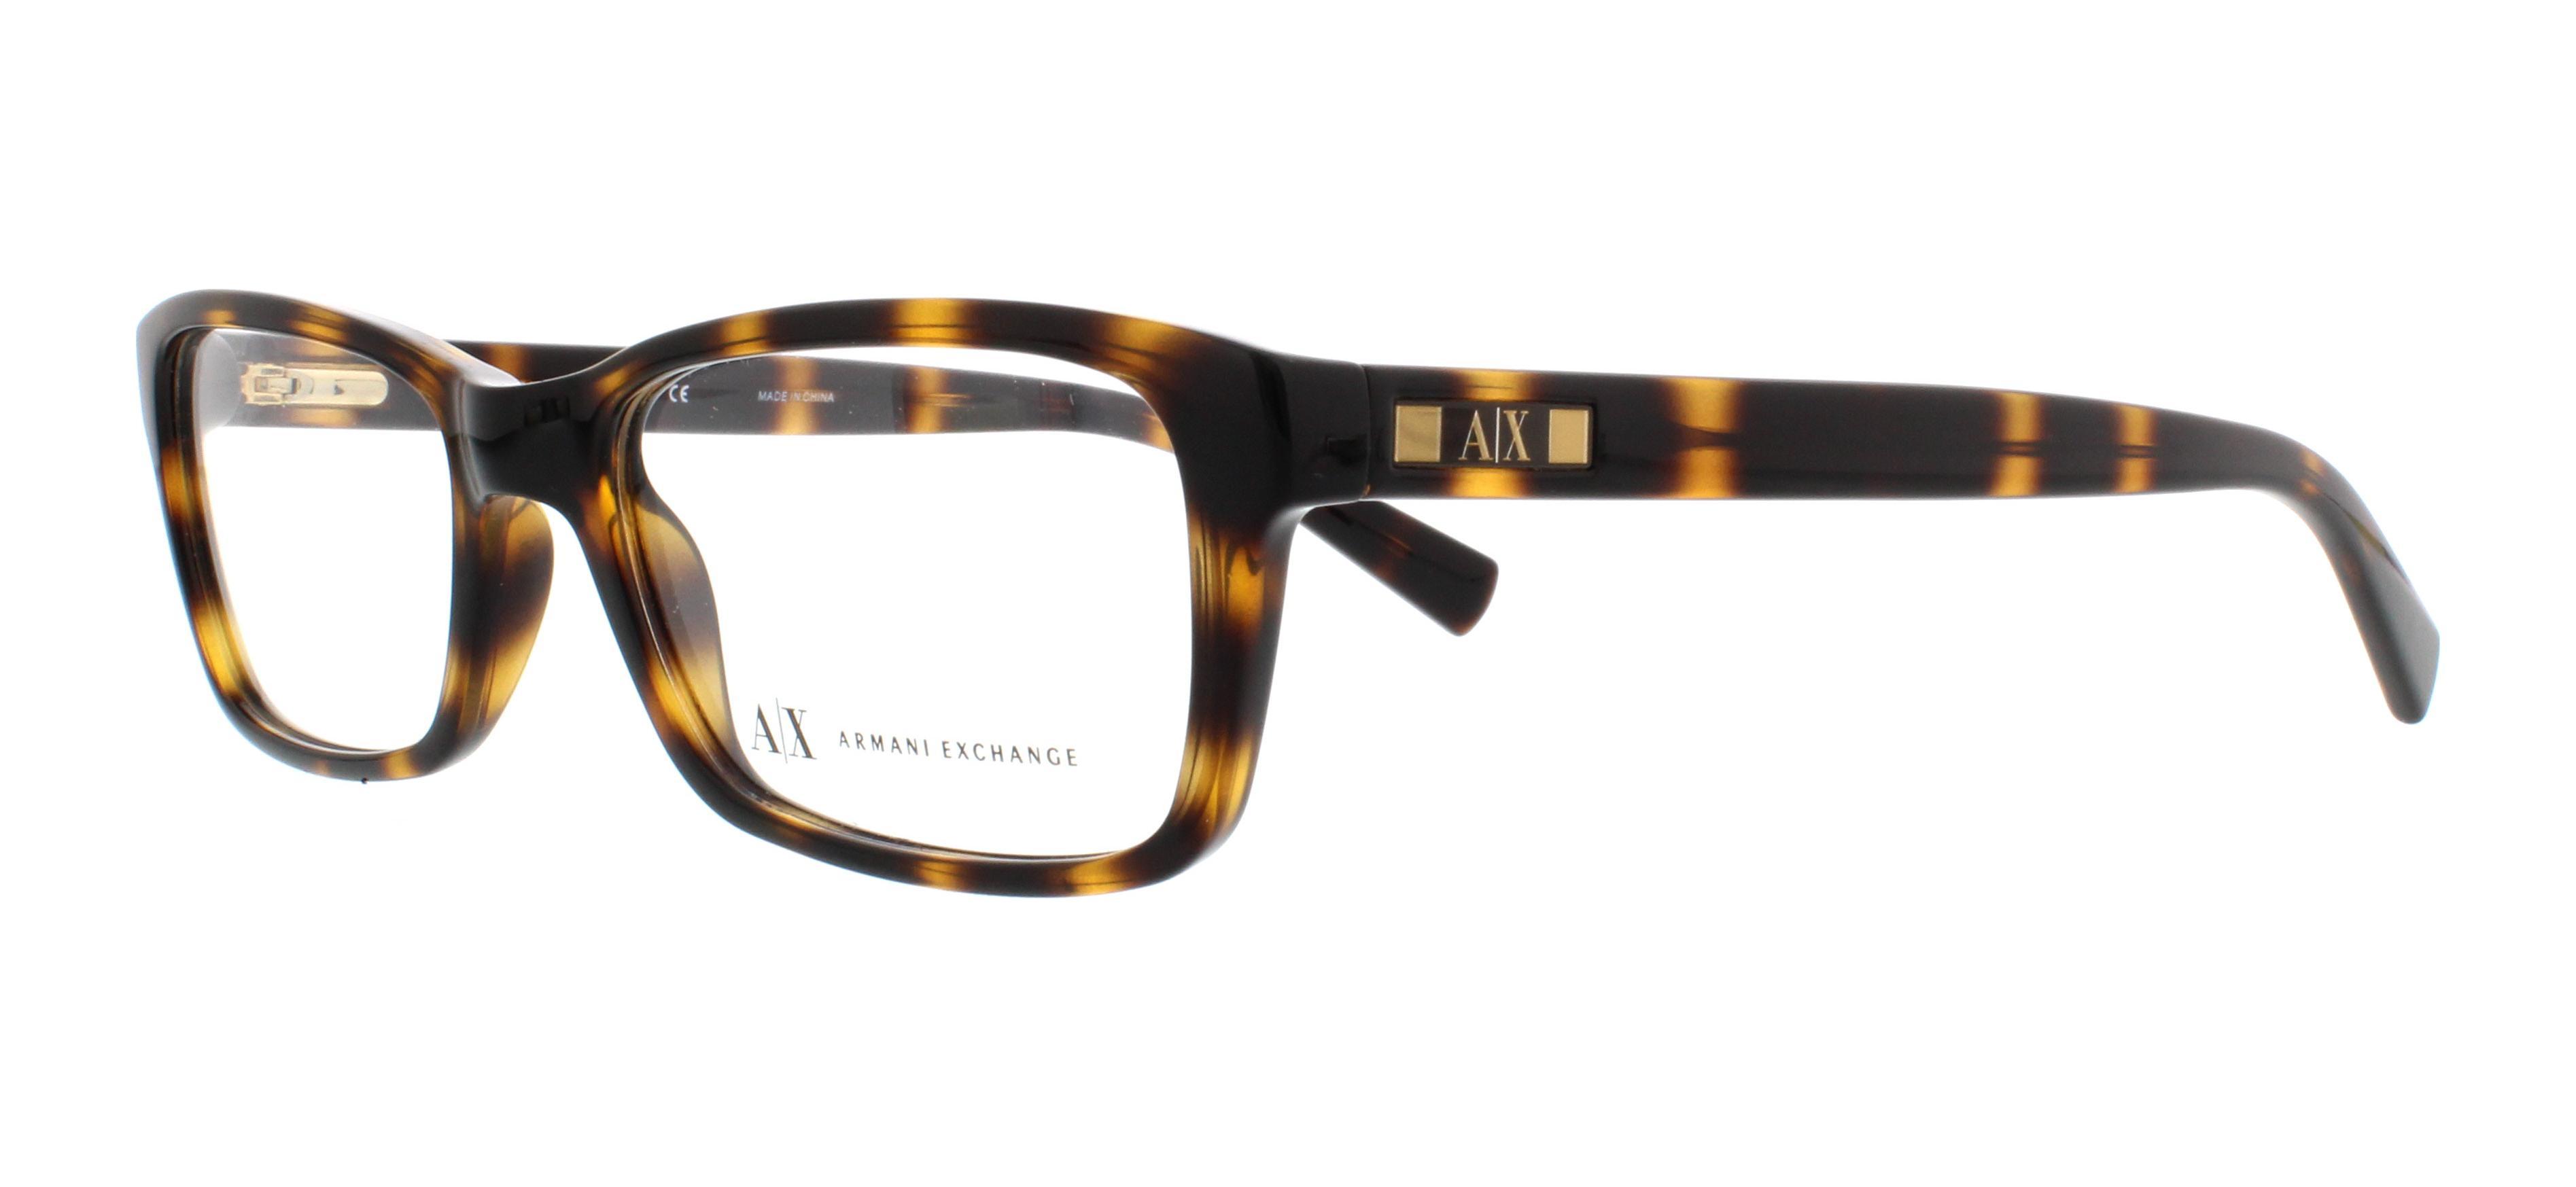 132a1df6042 Designer Frames Outlet. Armani Exchange AX3007